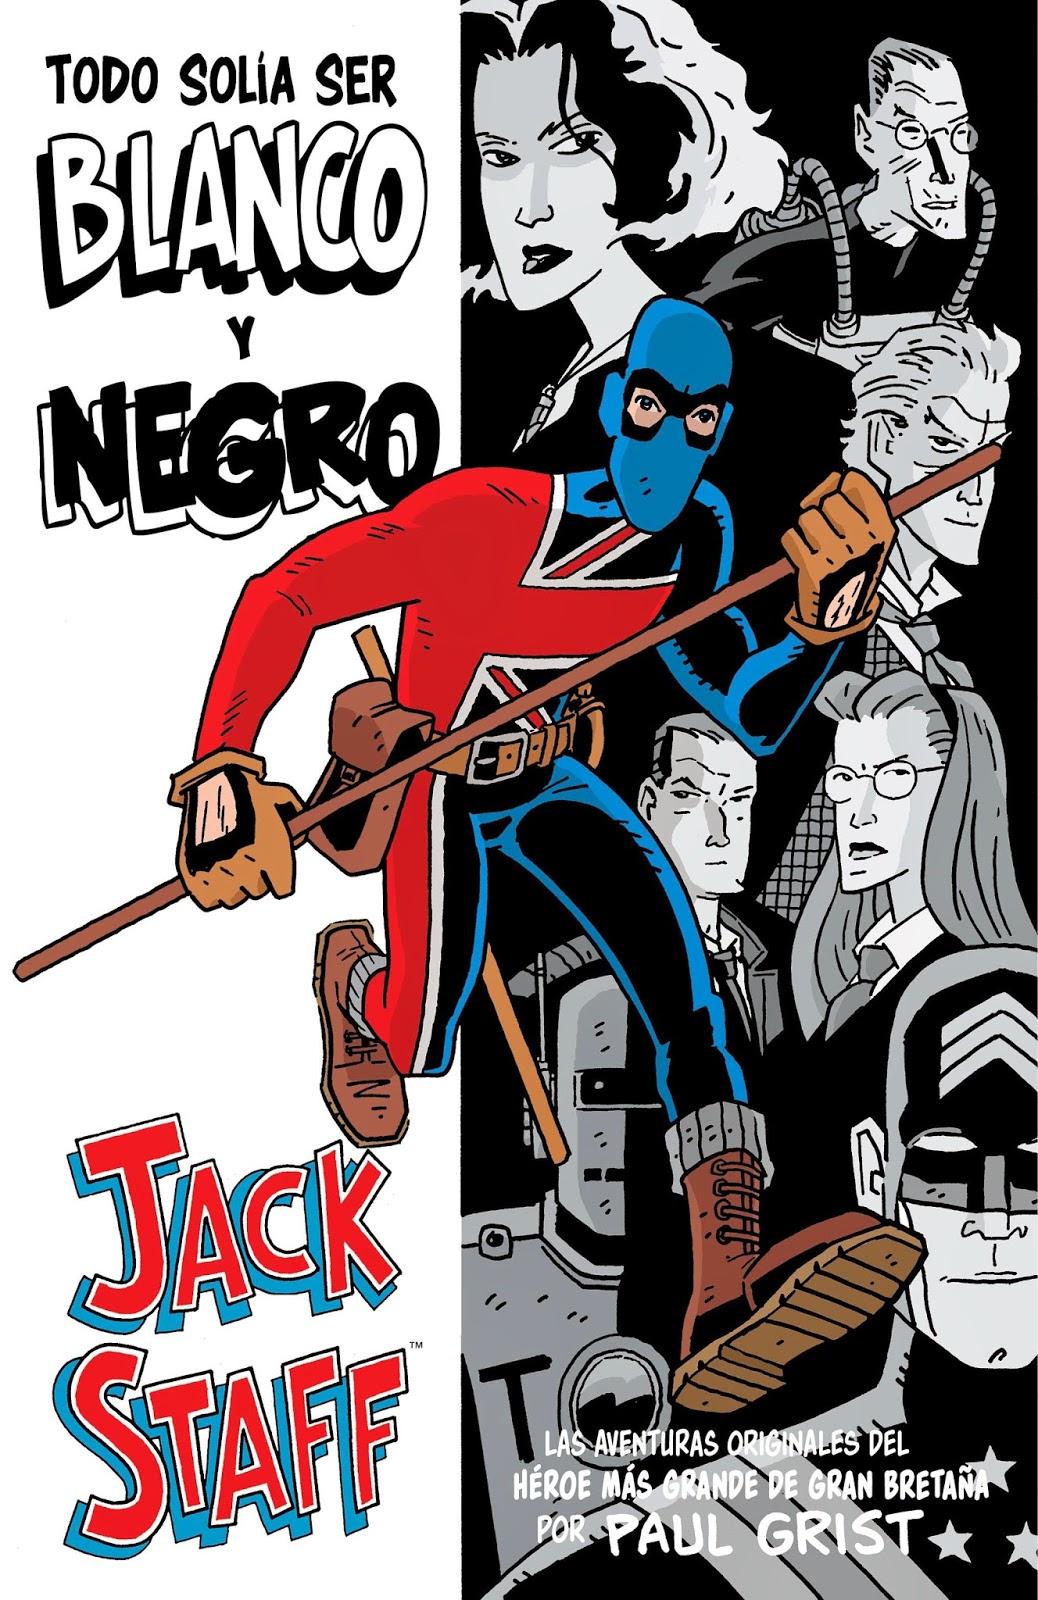 Jack Staff Aleta Ediciones